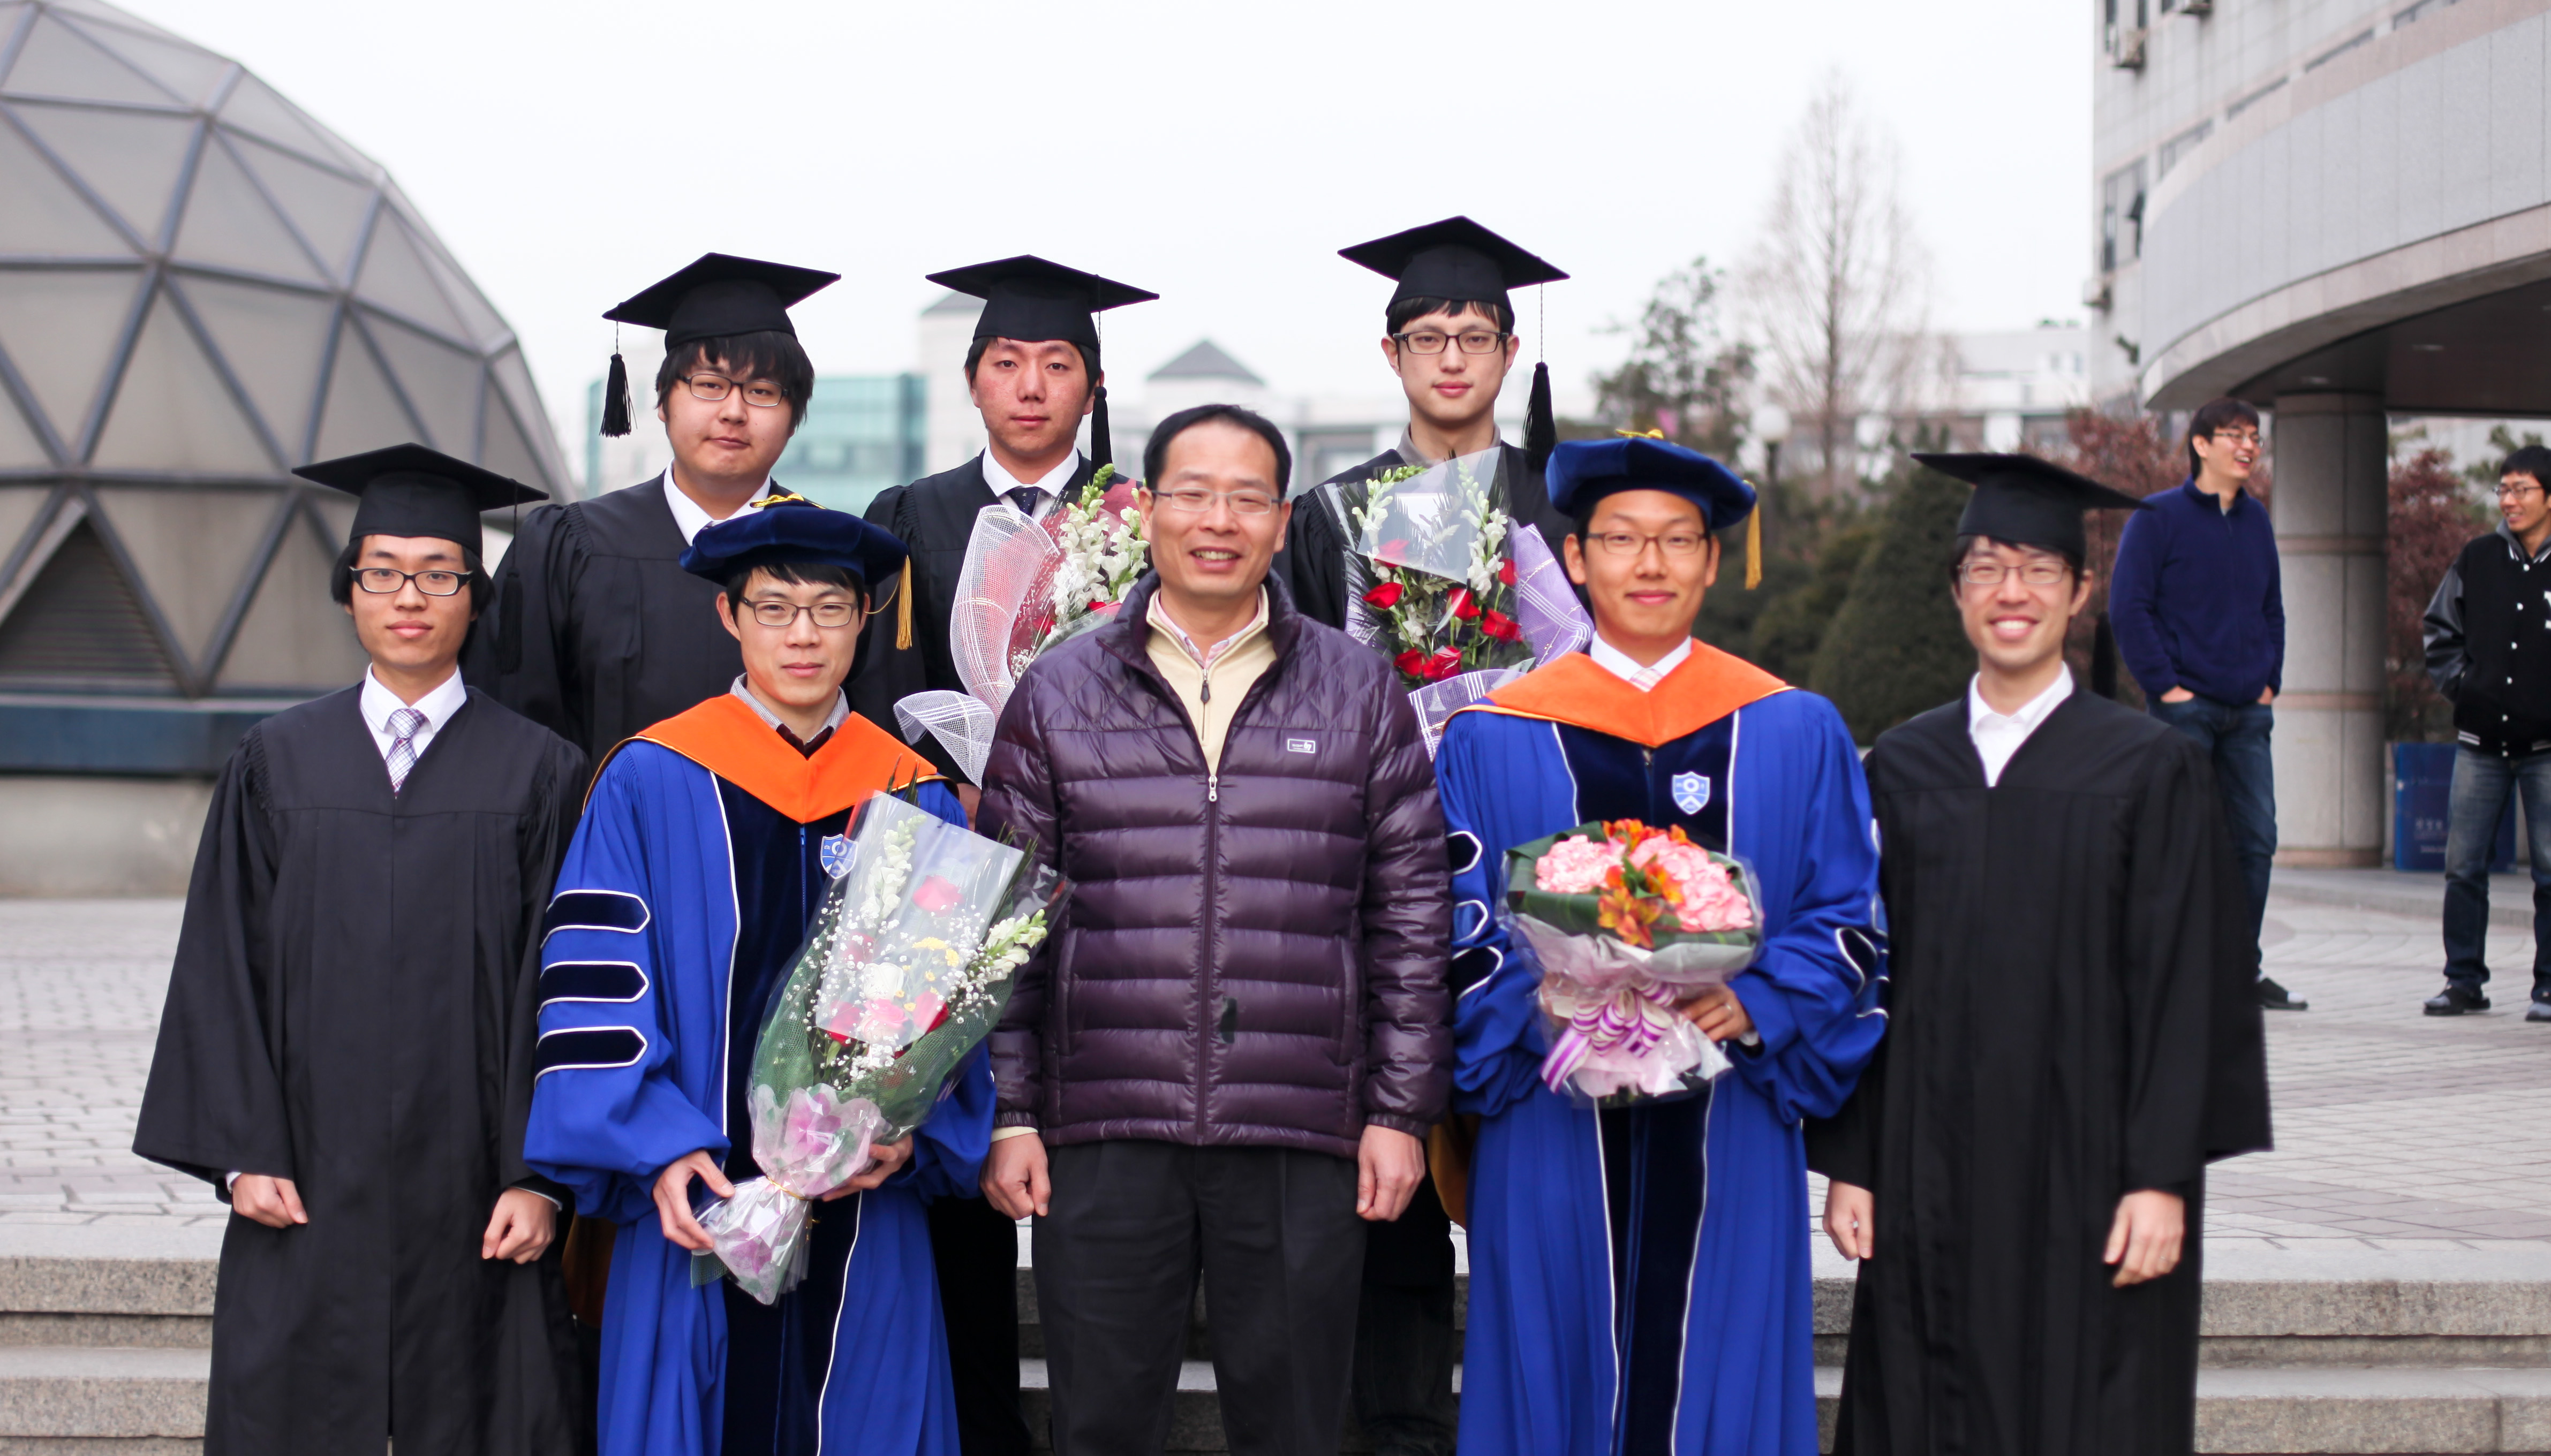 2012-02졸업사진1.jpg